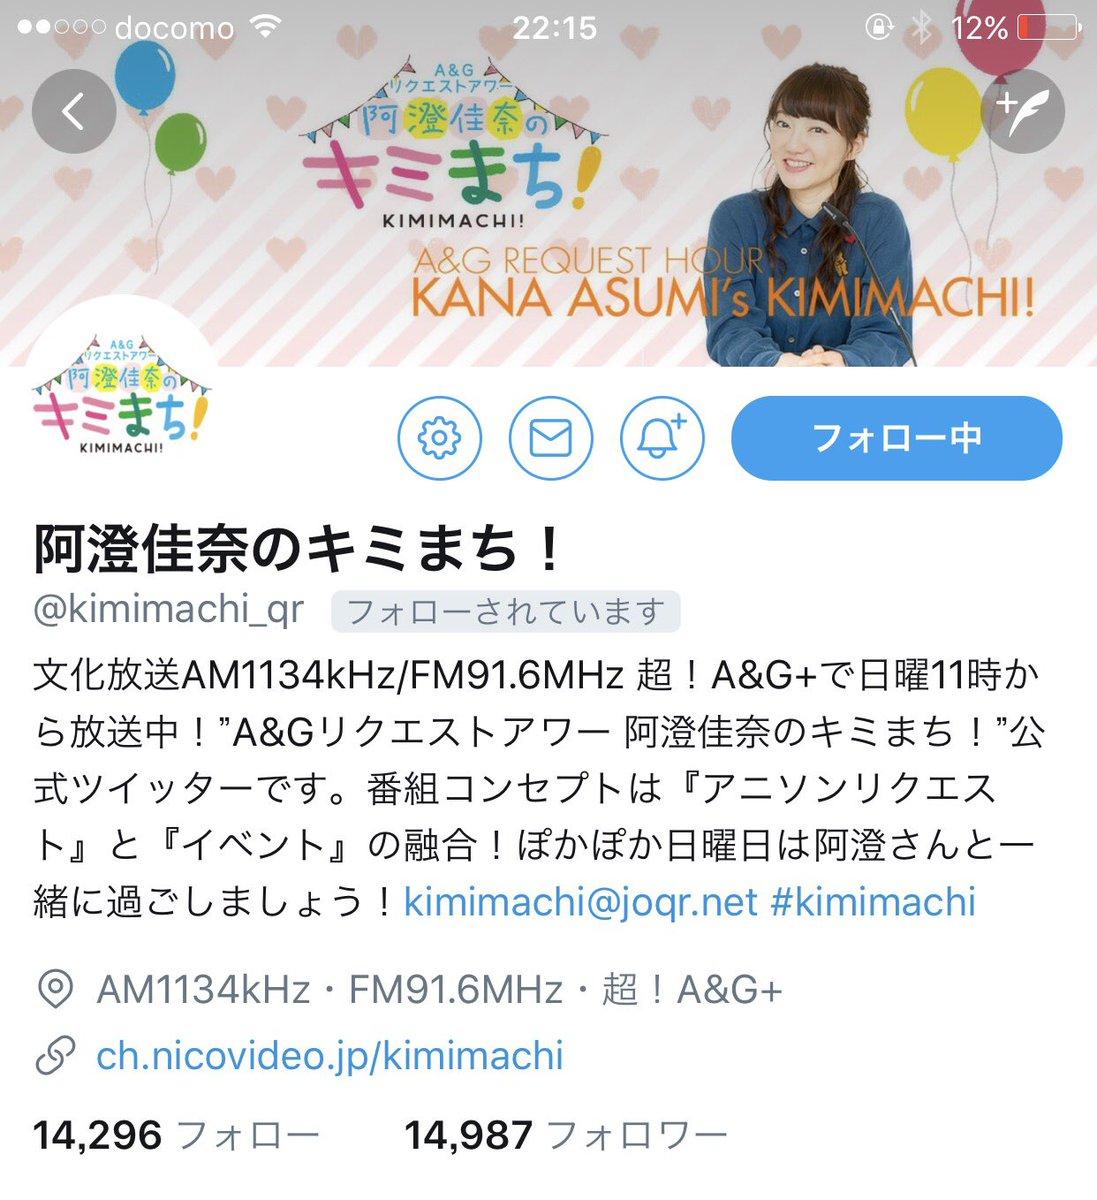 この感じだと、次回までにフォロワー15000人いきそうですね。 #kimimachi